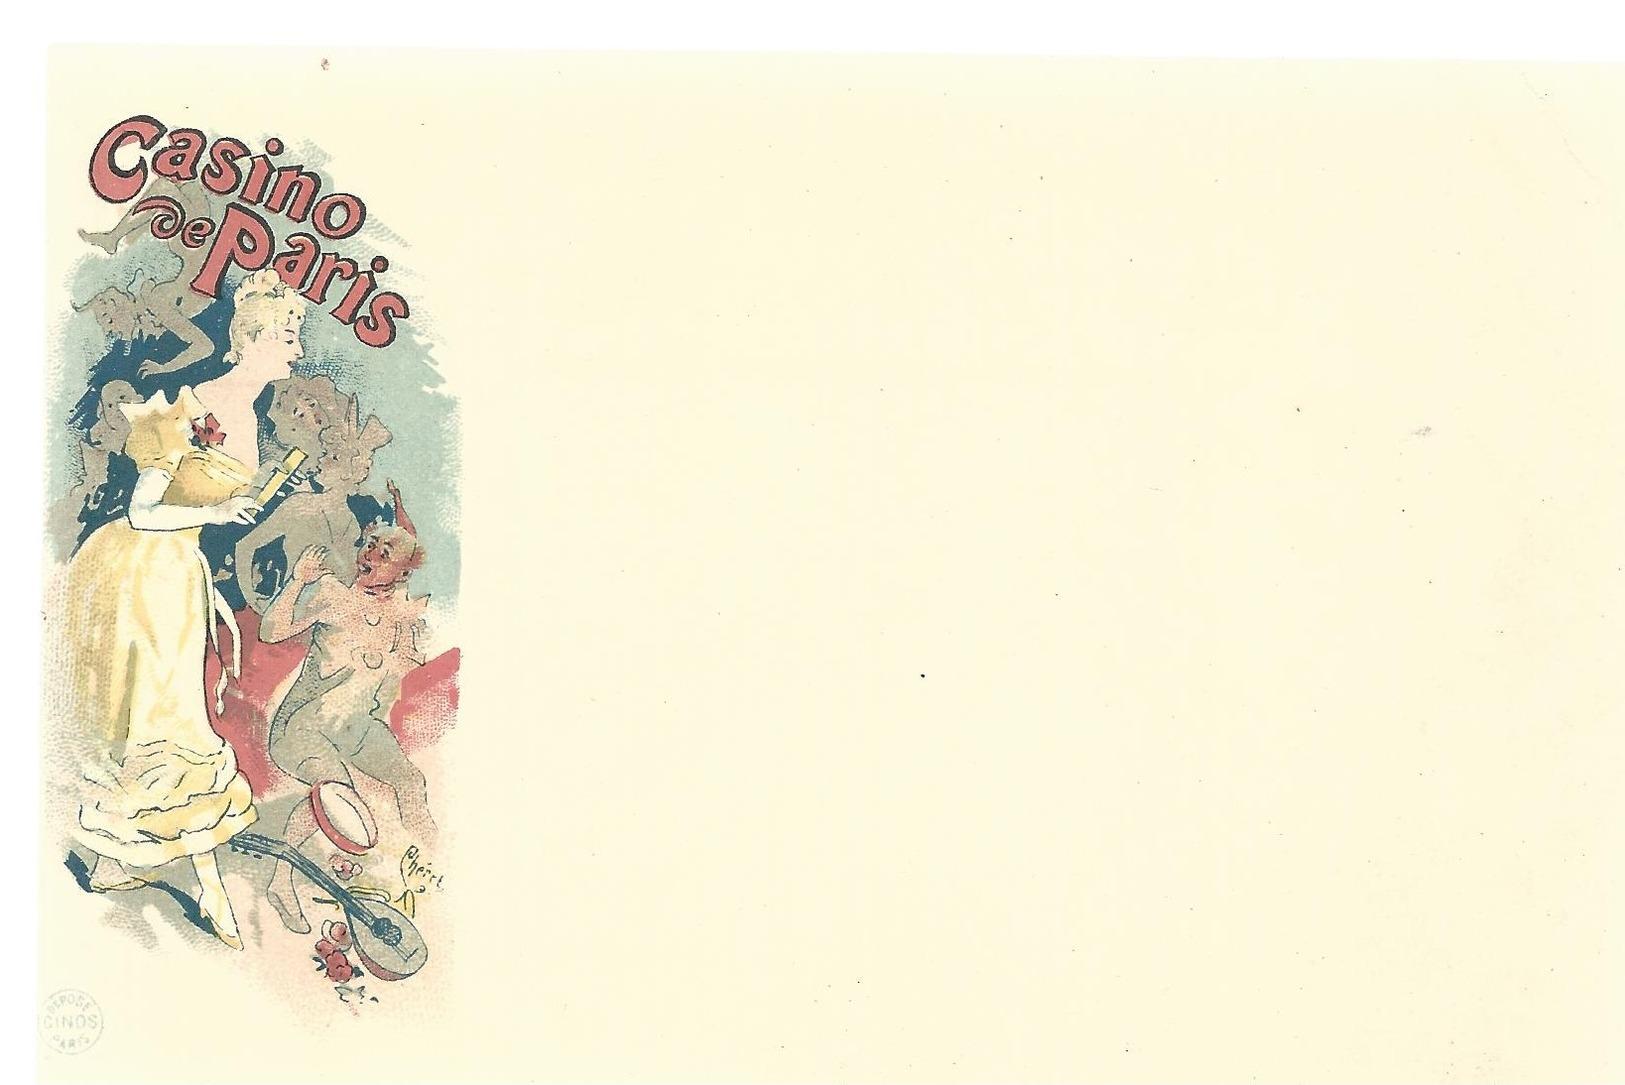 CPA - ART NOUVEAU - ILL. PAL - CINOS - CASINO DE PARIS - NON ECRITE - TBE - Autres Illustrateurs